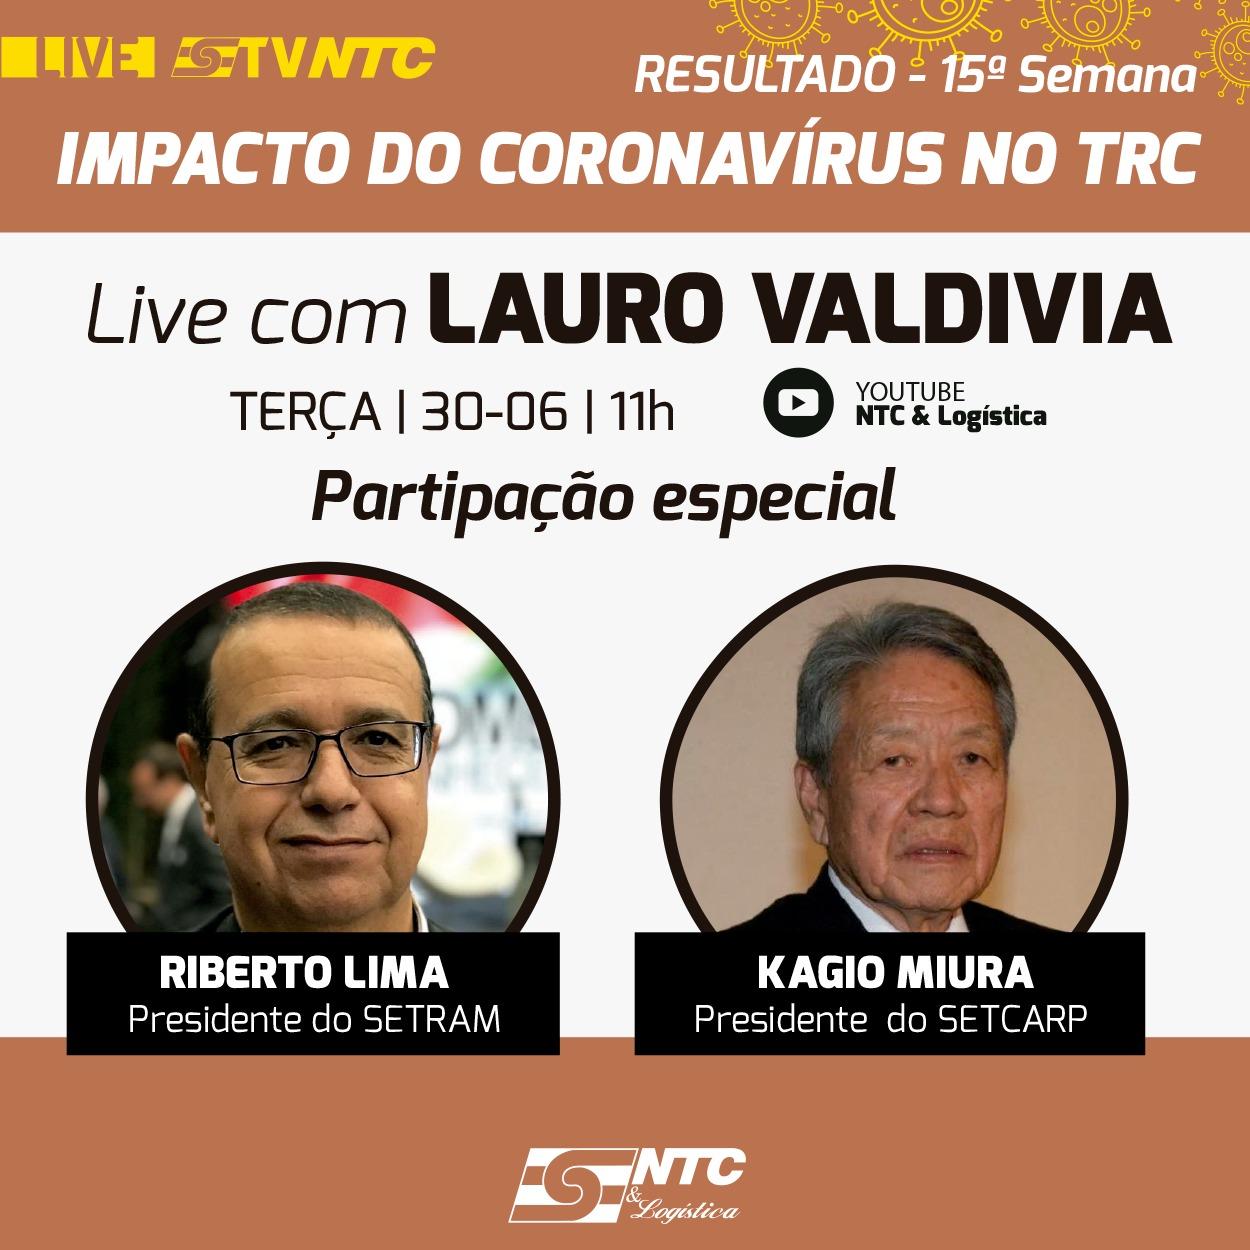 TV NTC apresenta hoje o resultado da décima quinta semana de acompanhamento do impacto da pandemia no TRC